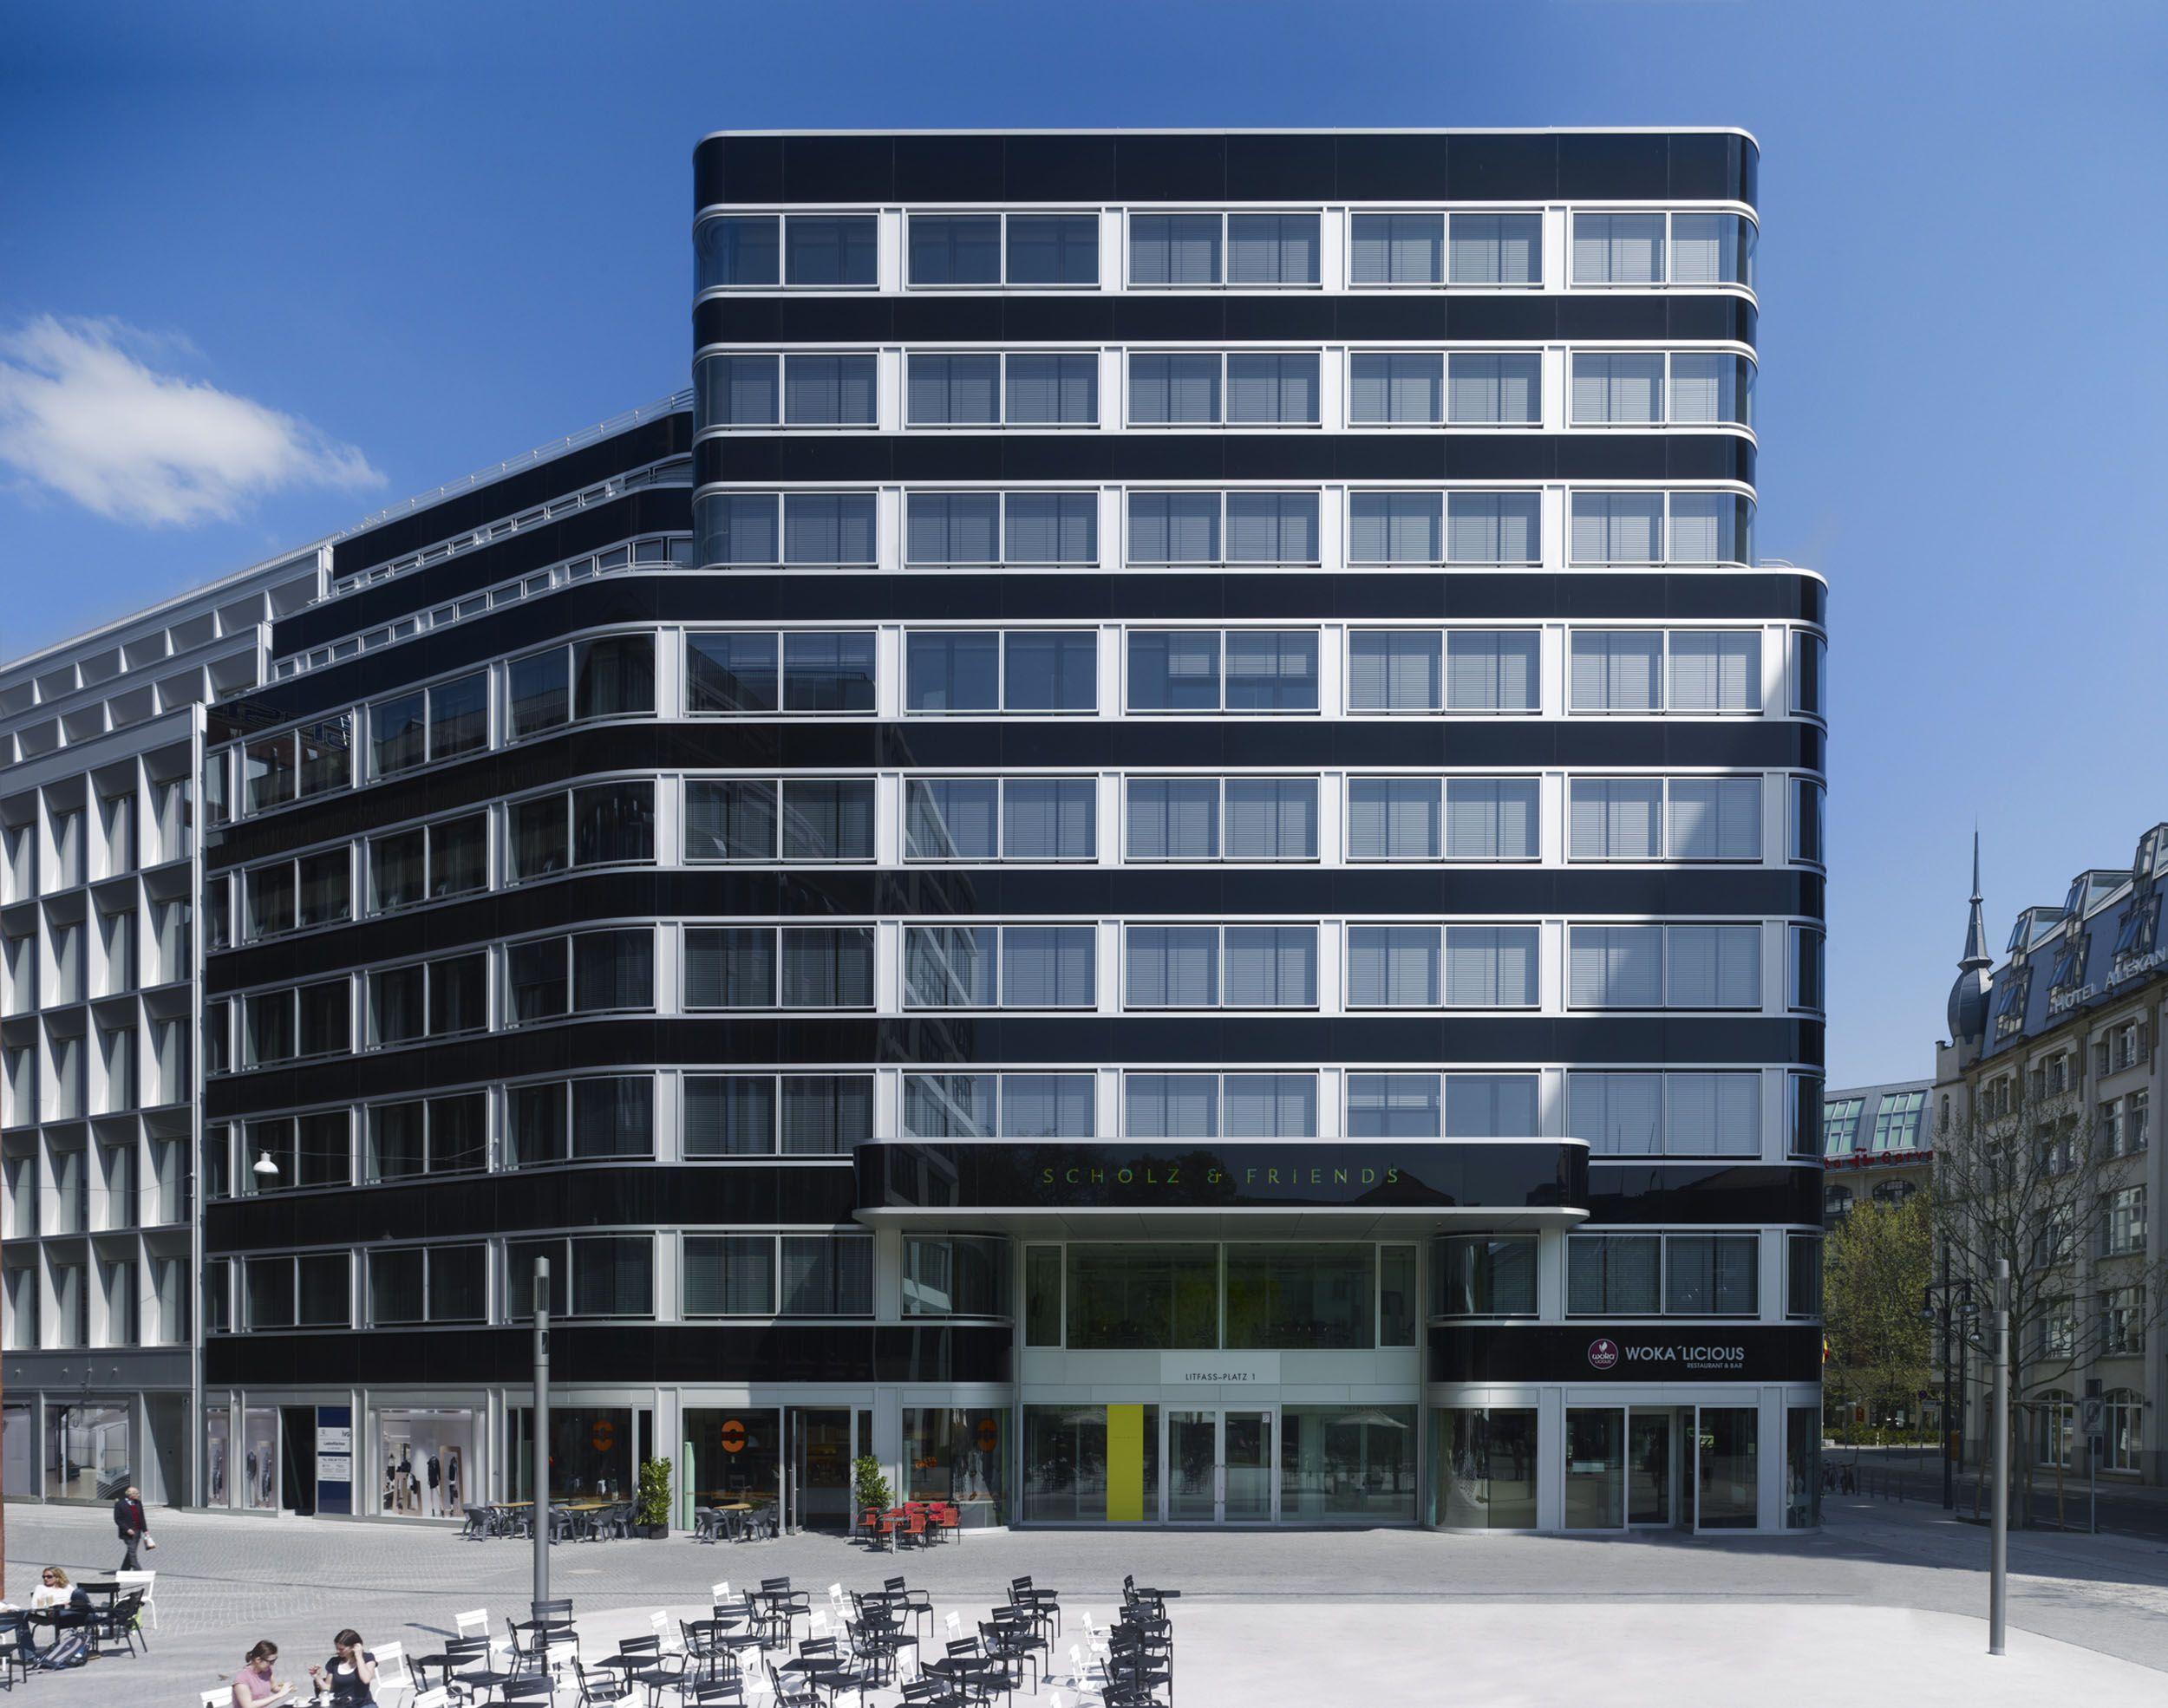 Scholz Amp Friends Berlin C Stefan Muller Berlin Architekt Landschaftsplanung Berlin Fotos